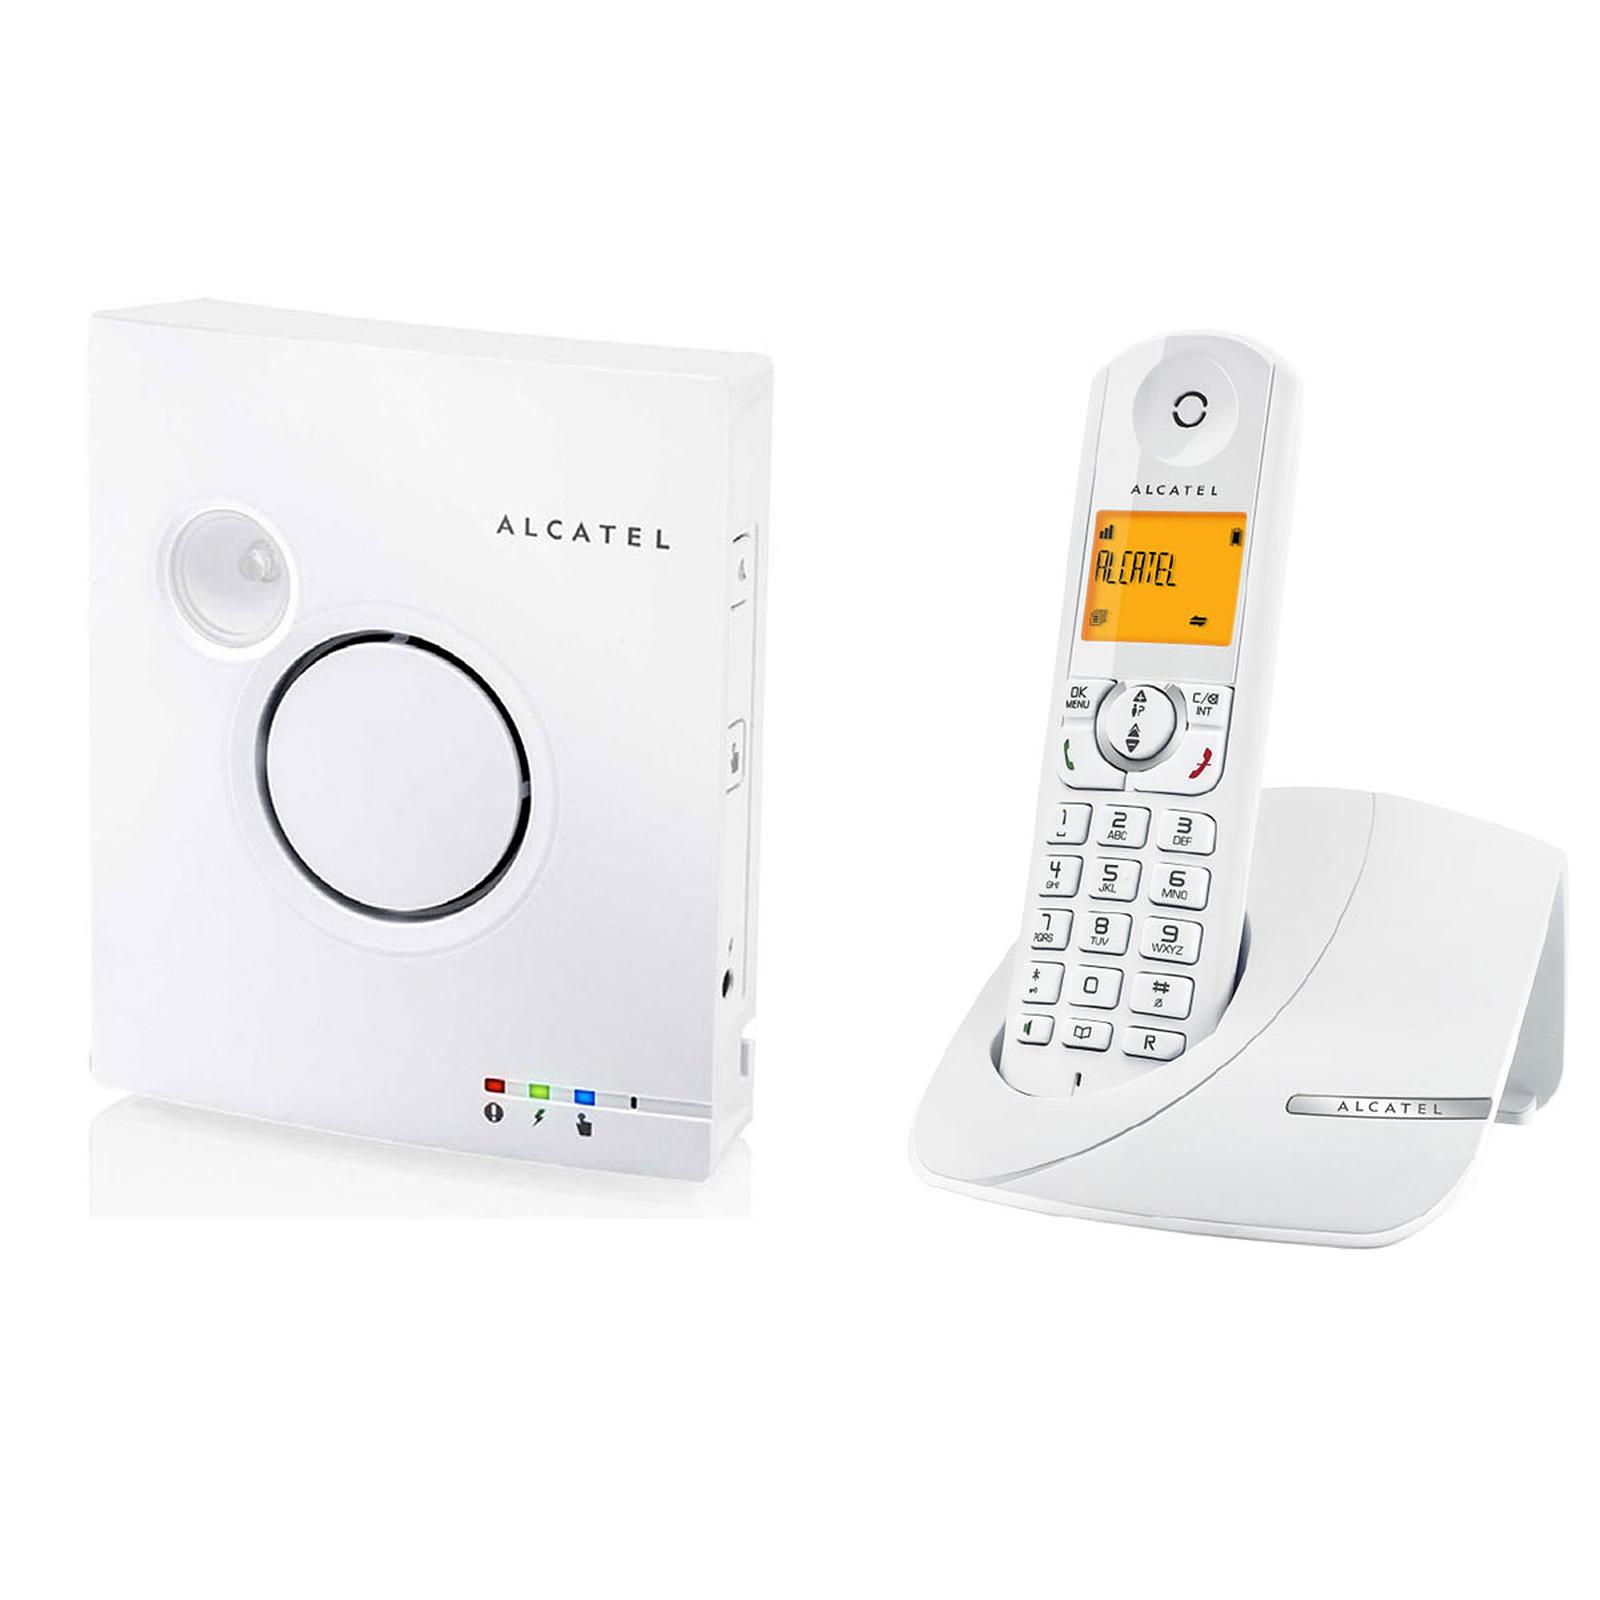 Alcatel Phone Alert V2